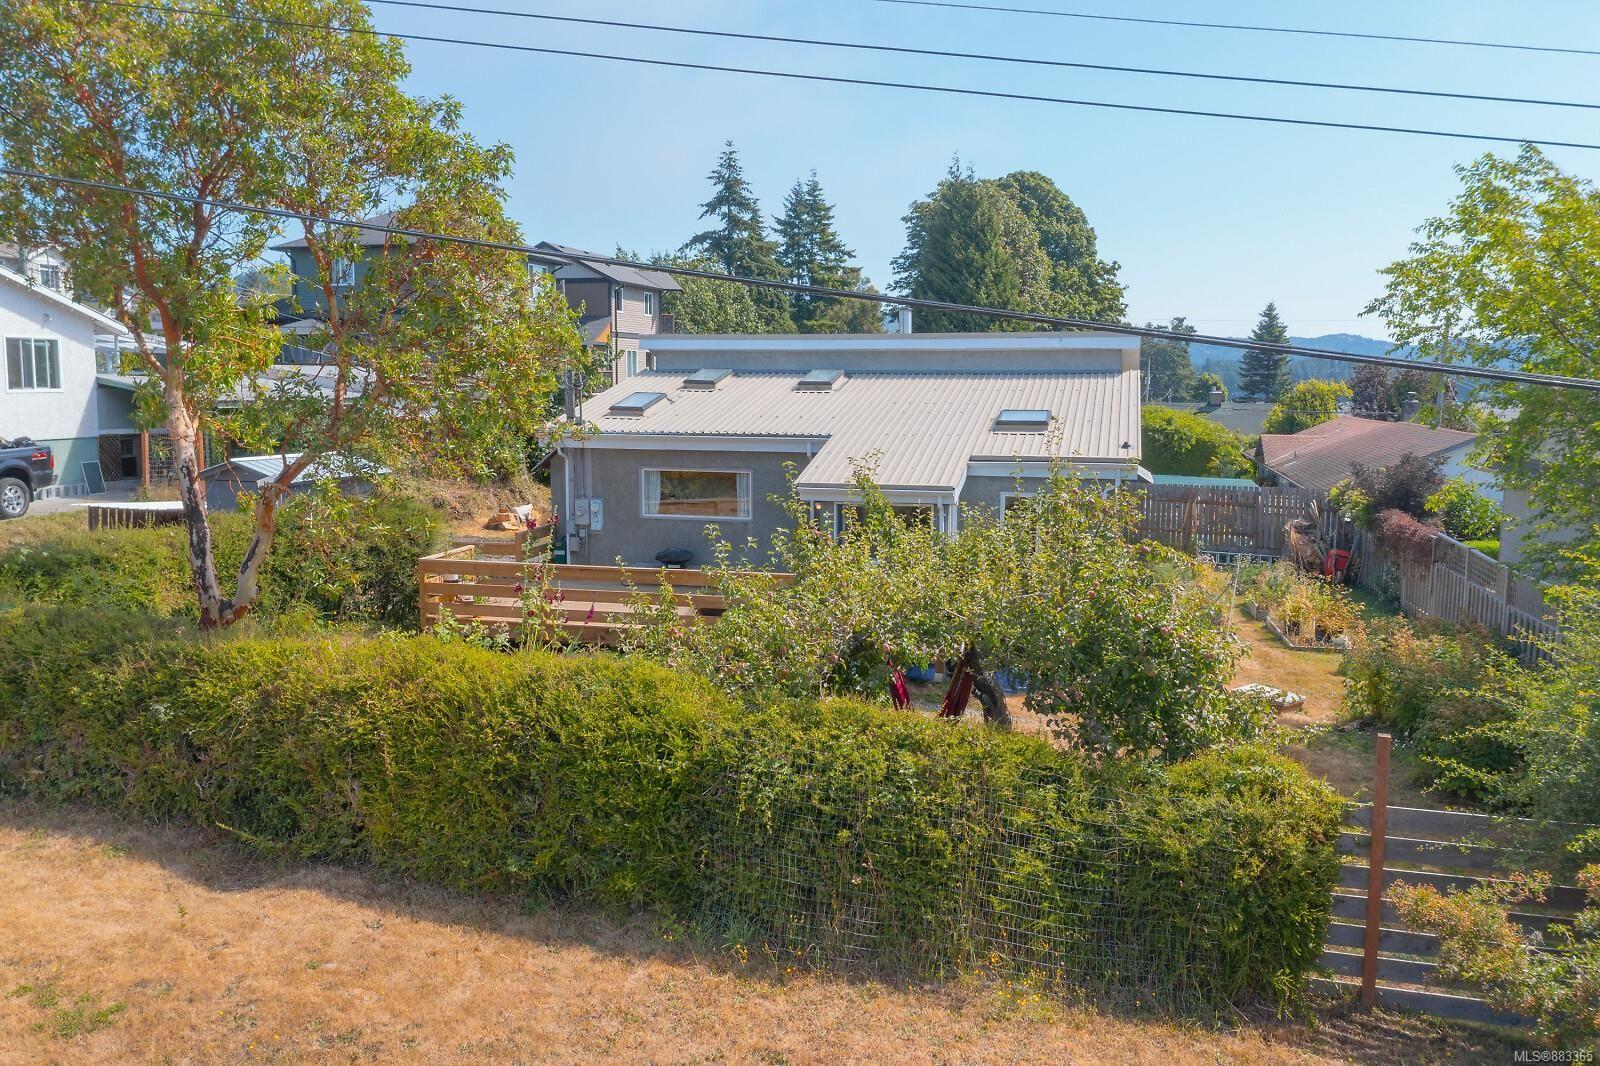 Main Photo: 2019 Solent St in : Sk Sooke Vill Core House for sale (Sooke)  : MLS®# 883365